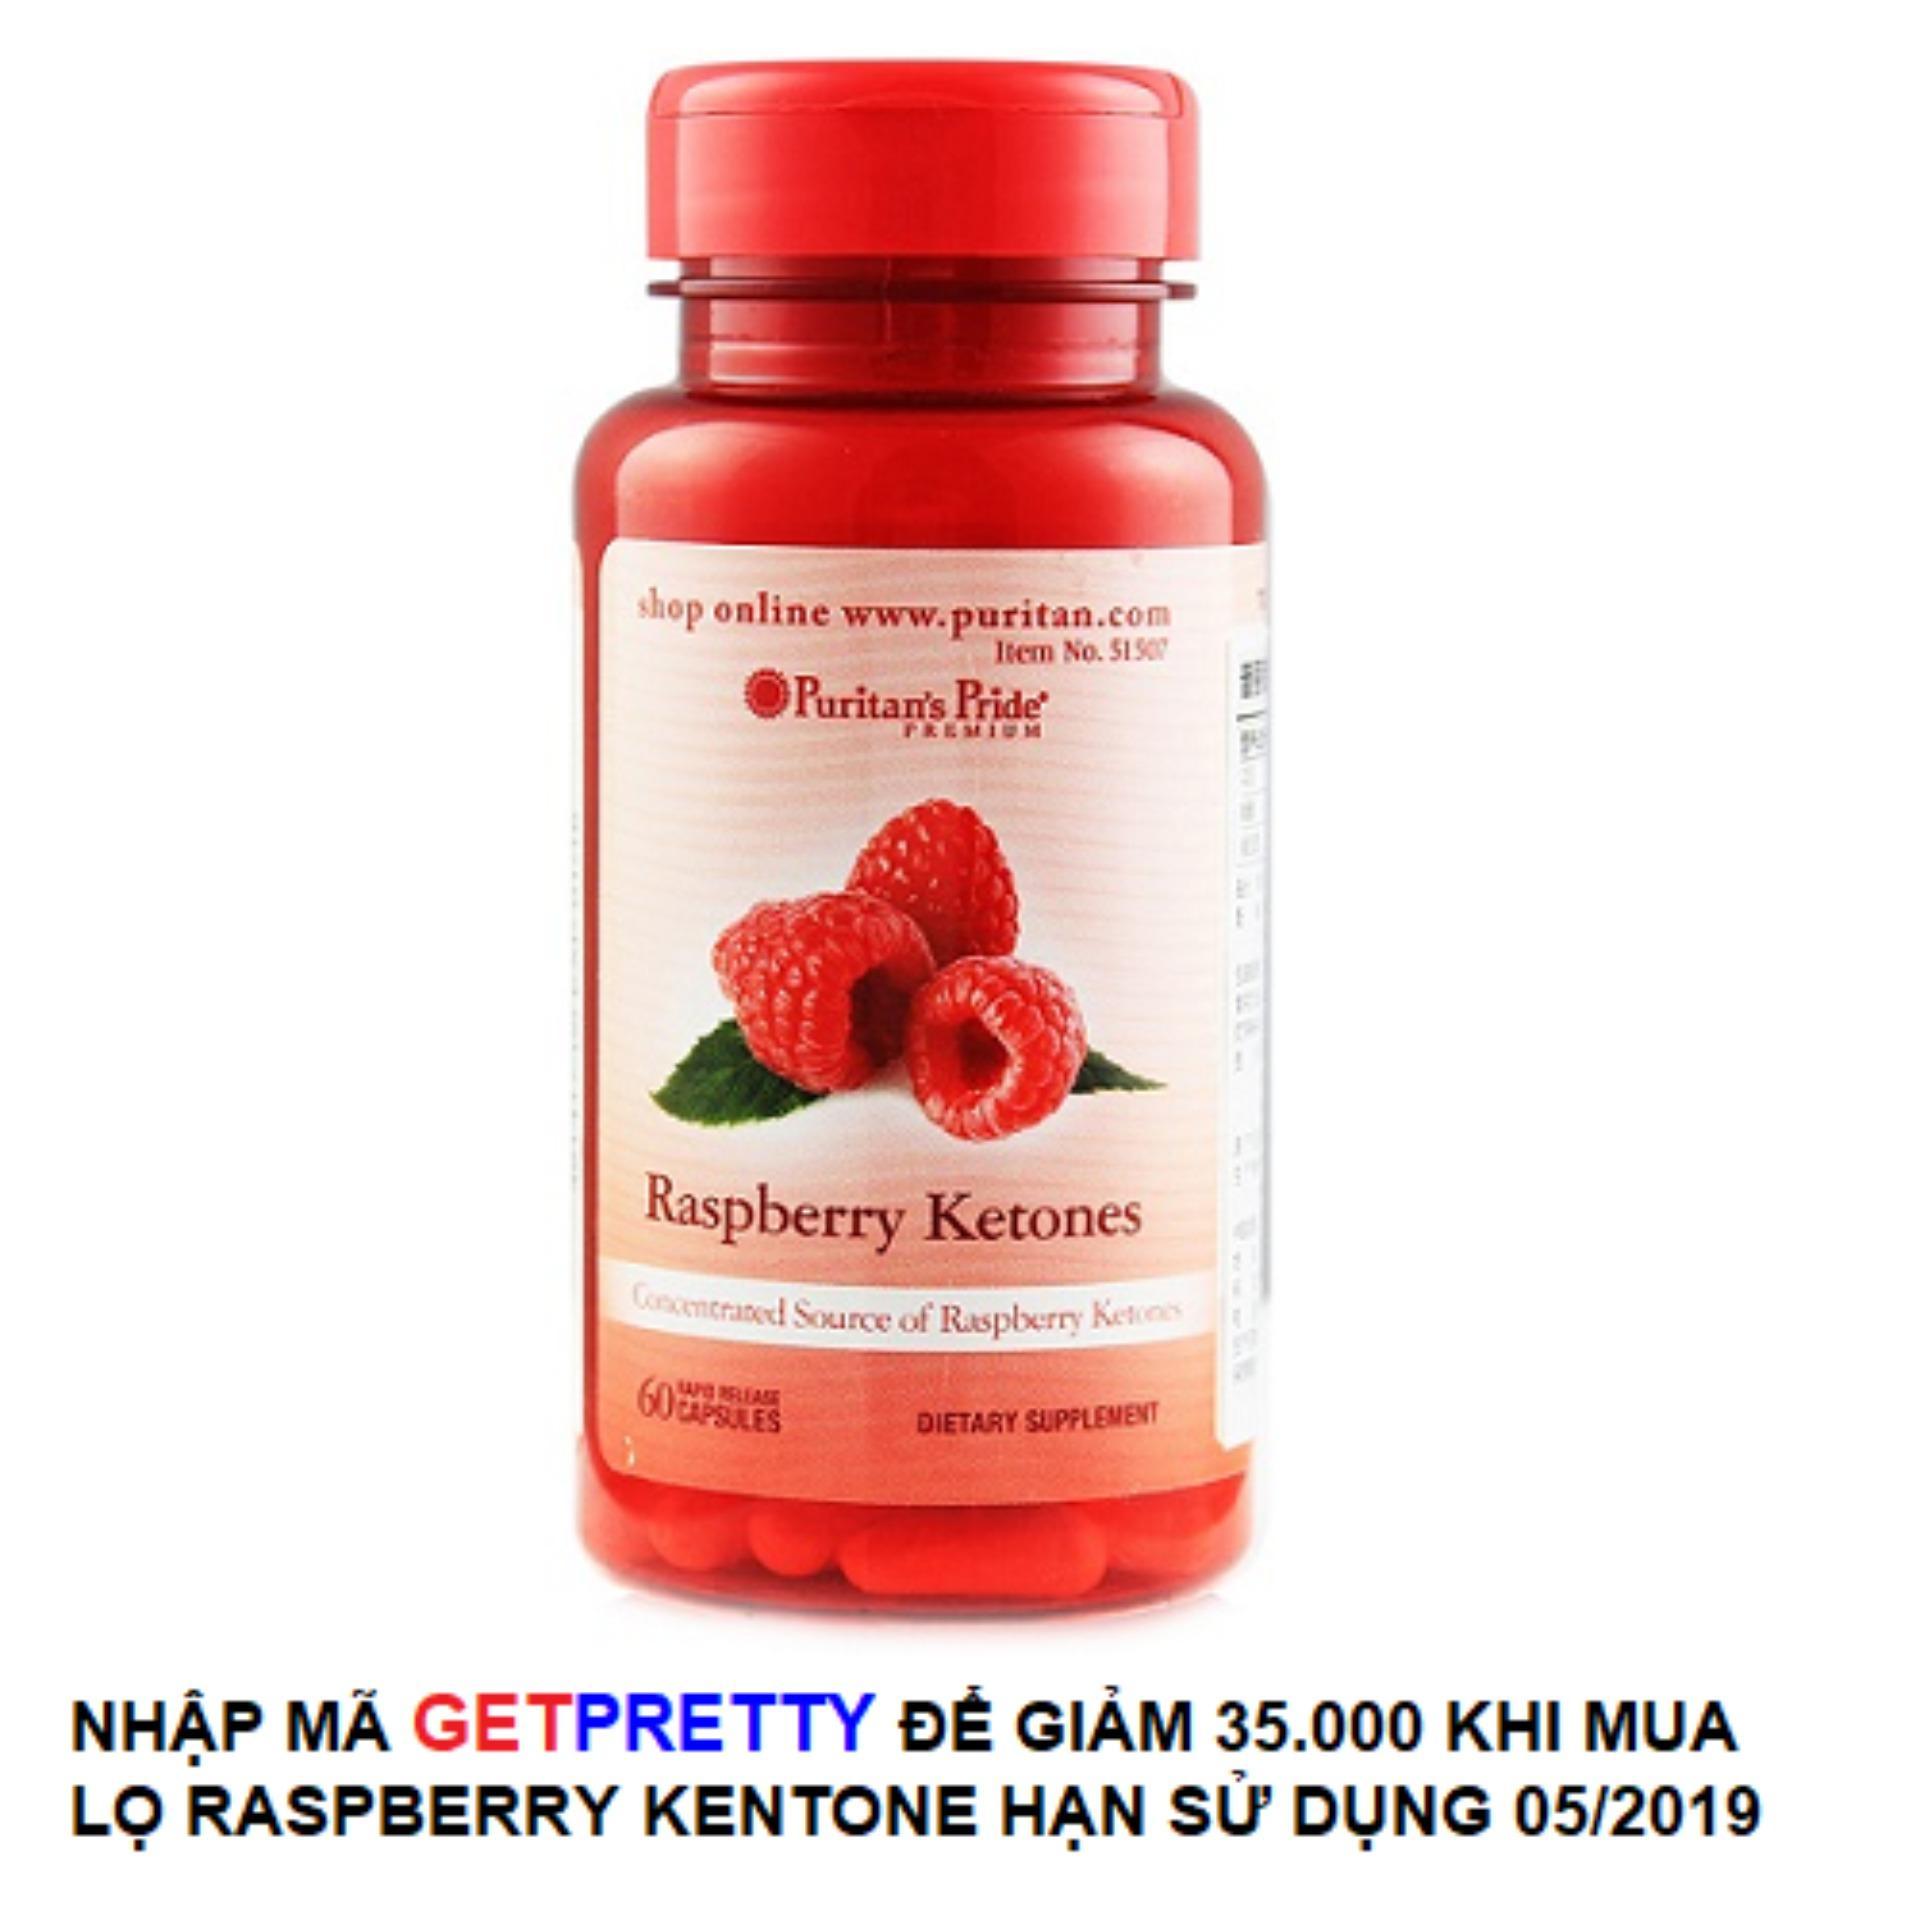 Viên uống hỗ trợ giảm cân an toàn Puritans Pride Raspberry Ketones 60 viên HSD tháng 5/2019 Giảm giá kích cầu làm đẹp Noel và Năm mới 2019 nhập khẩu